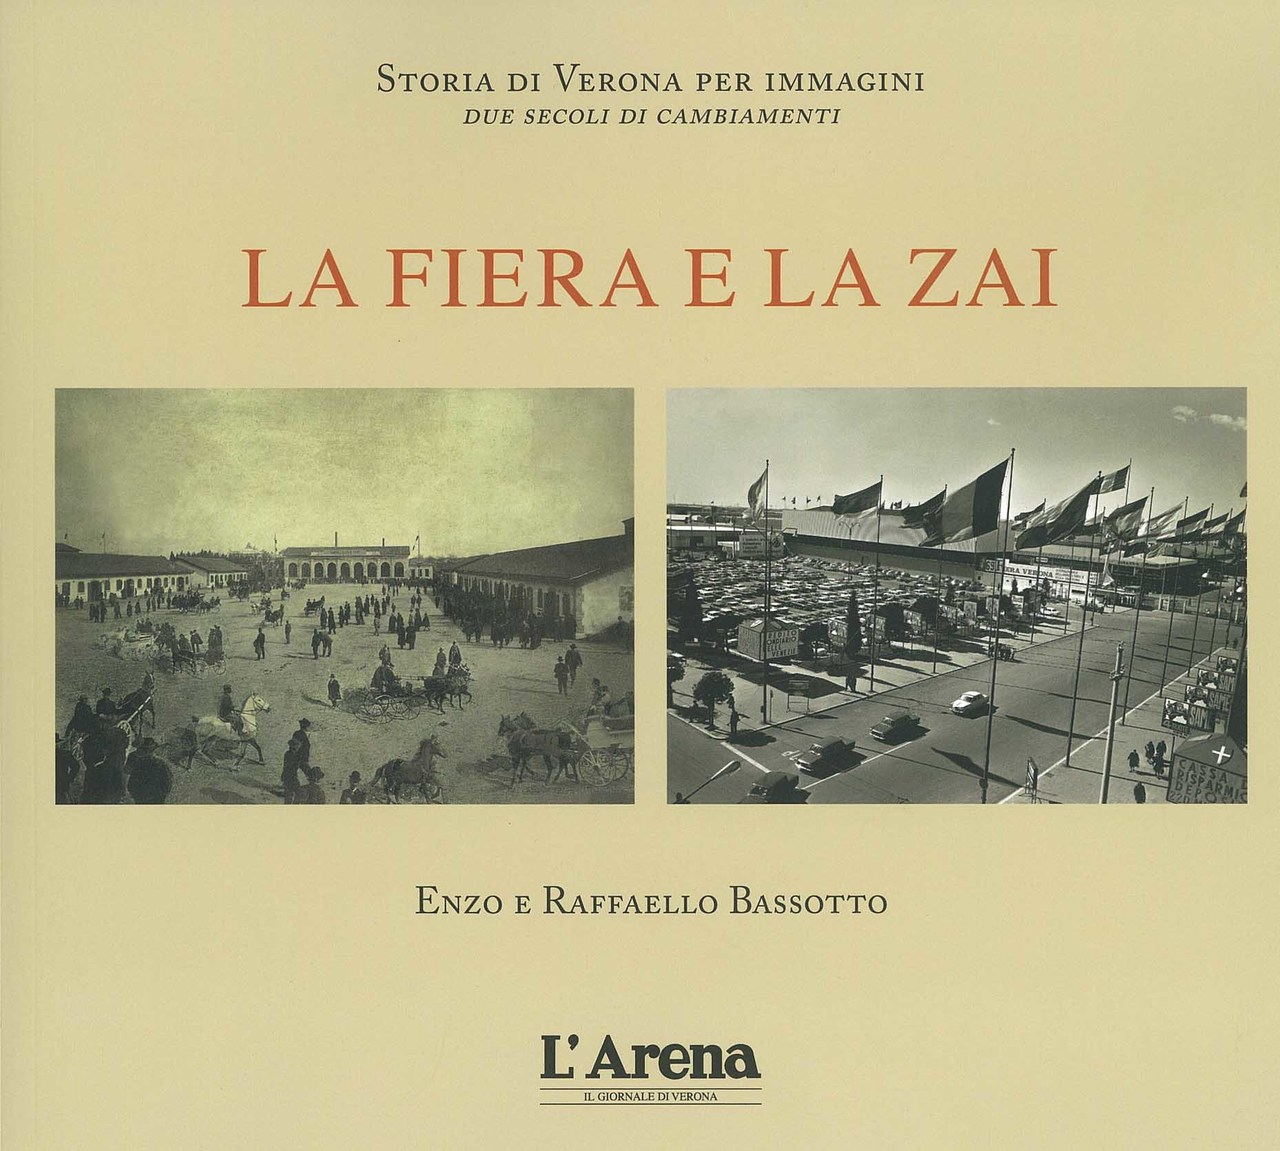 BASSOTTO Enzo, BASSOTTO Raffaello, La fiera e lo Zai, Verona, Società editrice Athesis, 2009